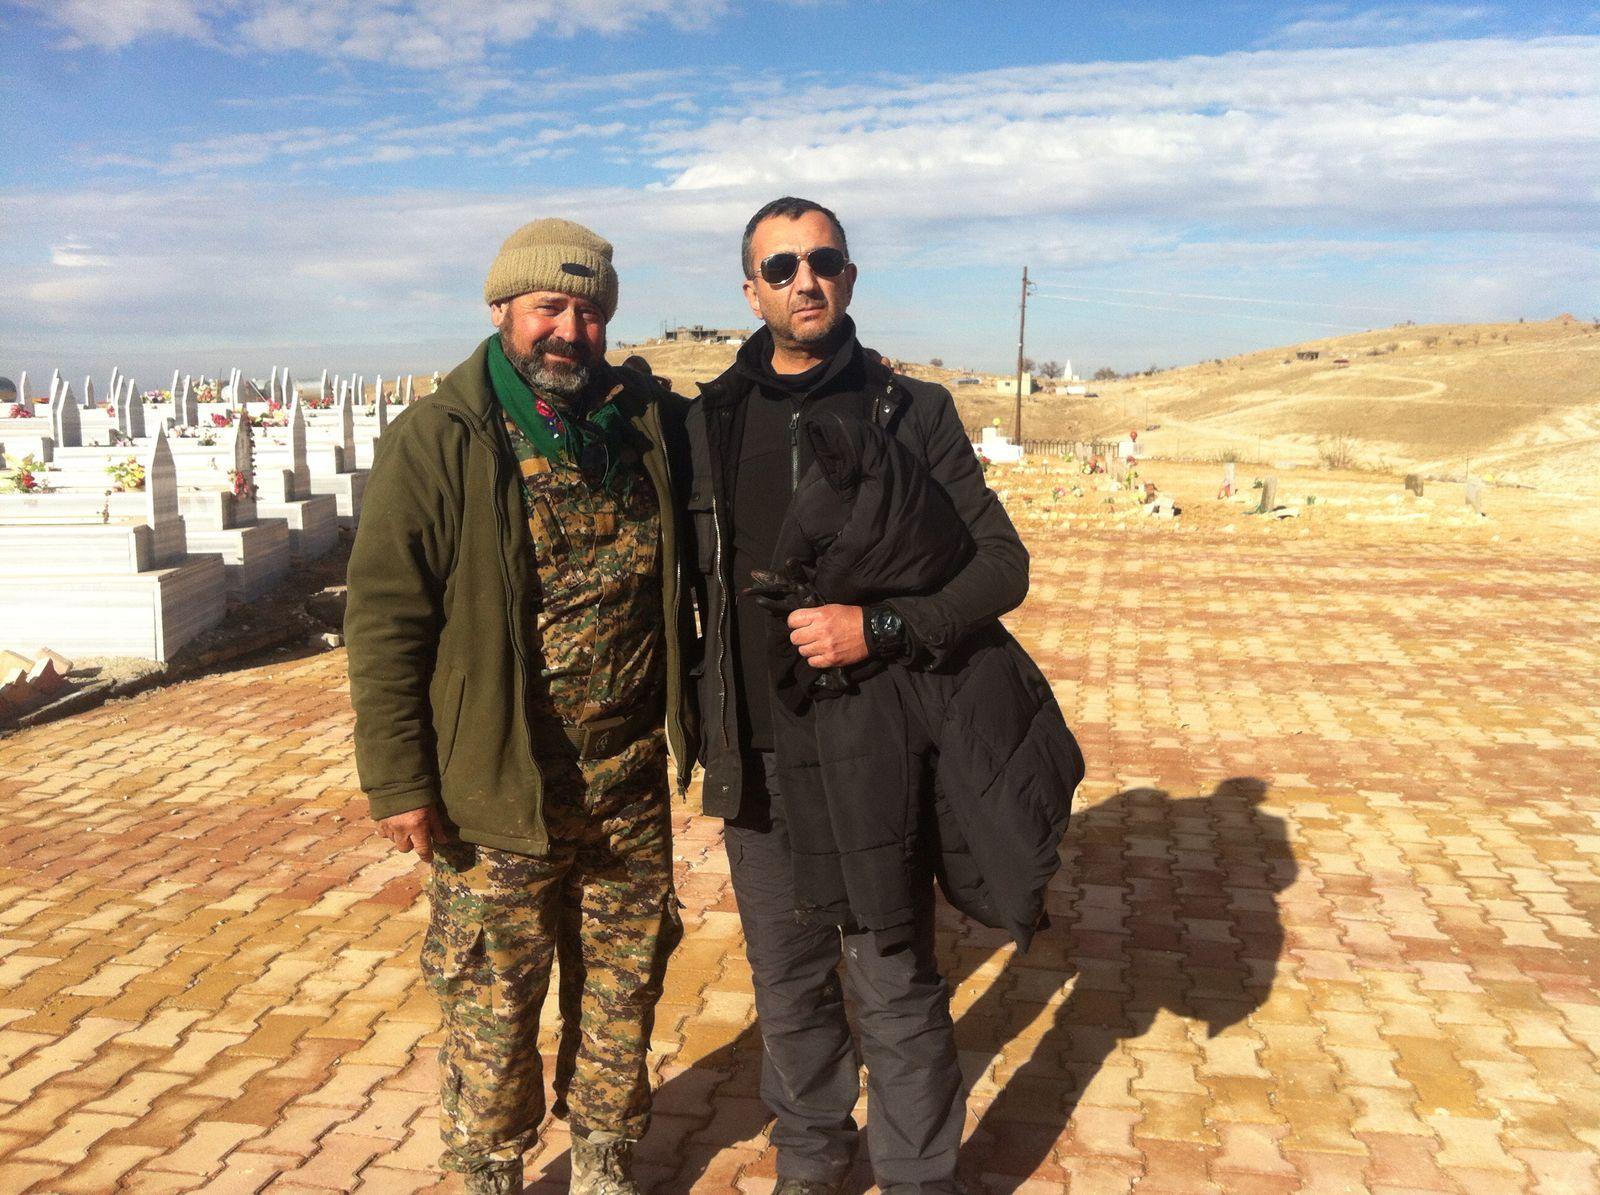 Visita de Manuel Andrino a Simón de Monfort en el Kurdistán Iraquí en su combate contra el DAESH